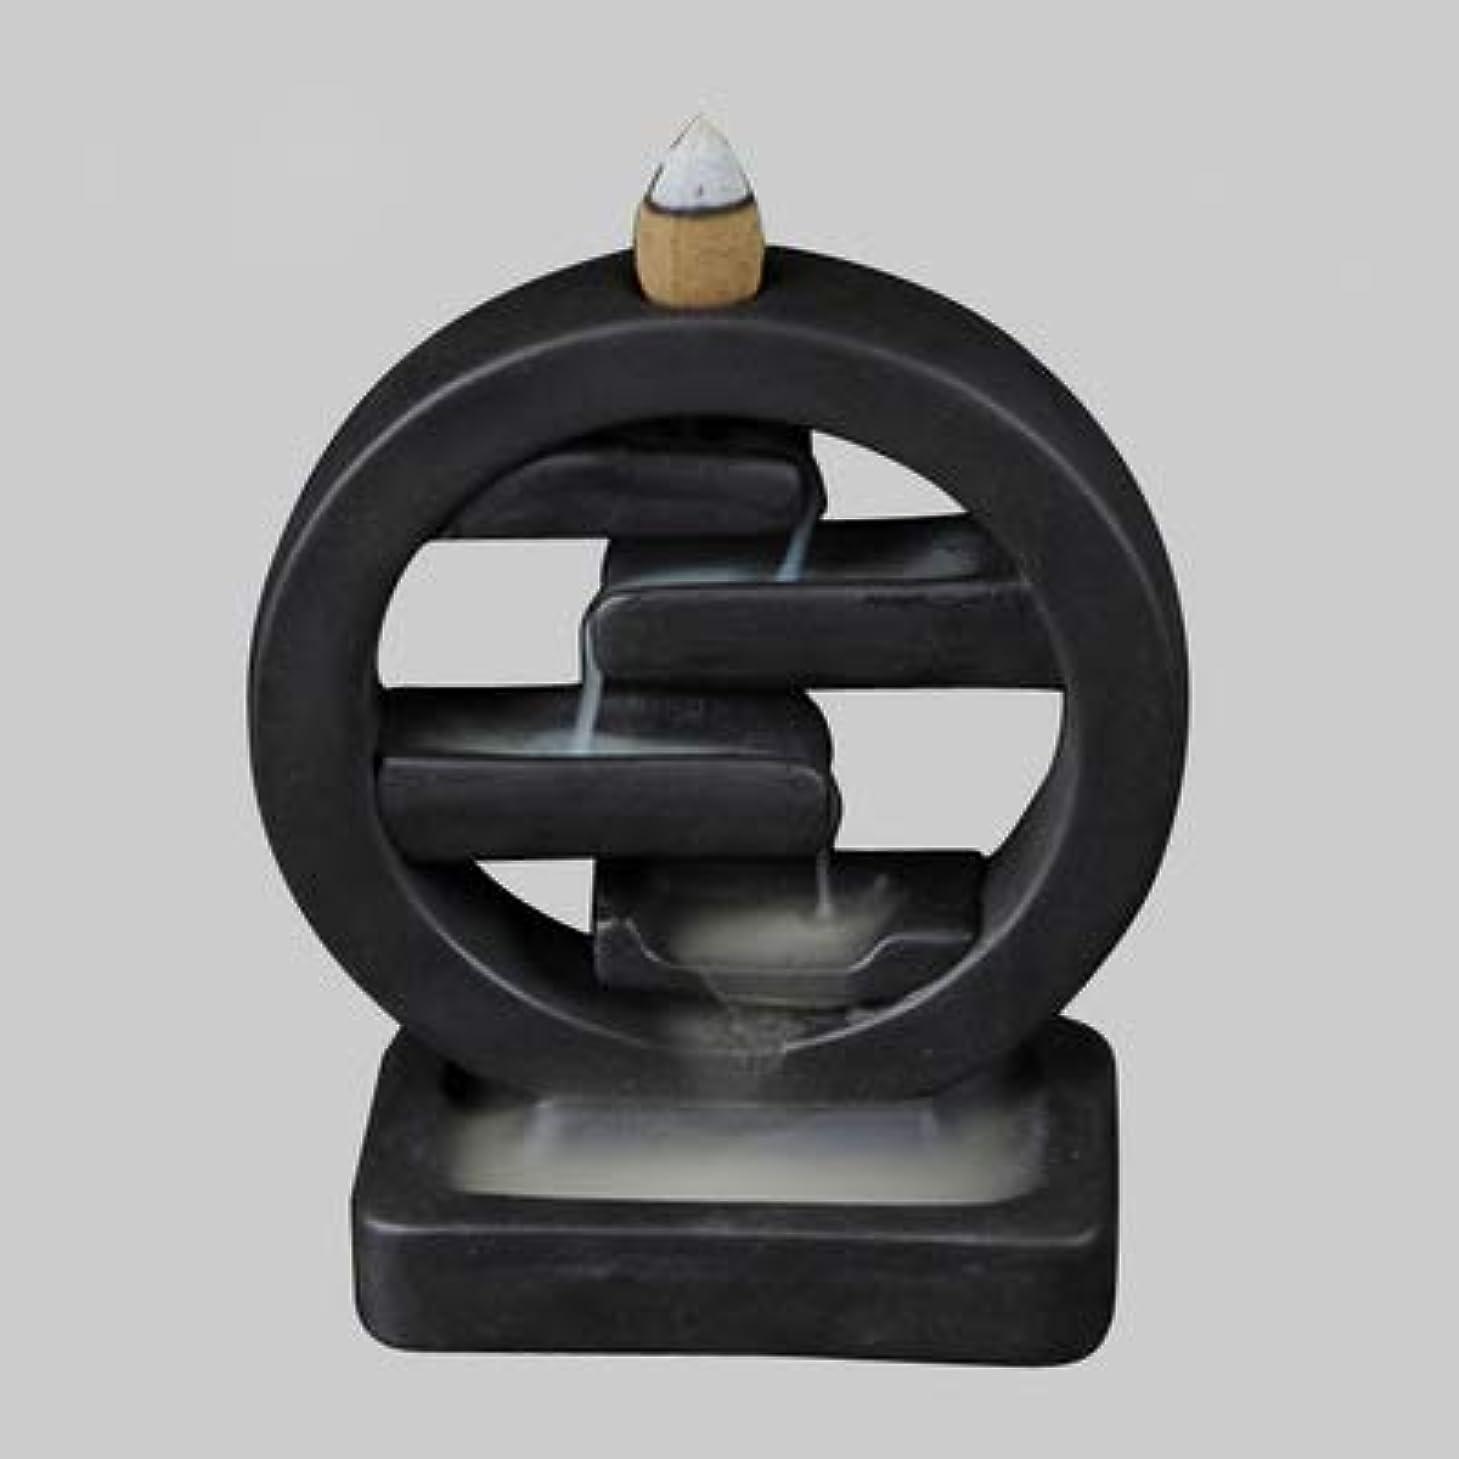 オンスカバレッジ逃れるPHILOGOD クリエイティブスタイリング陶器香炉 仏壇用逆流香 倒流香 香皿